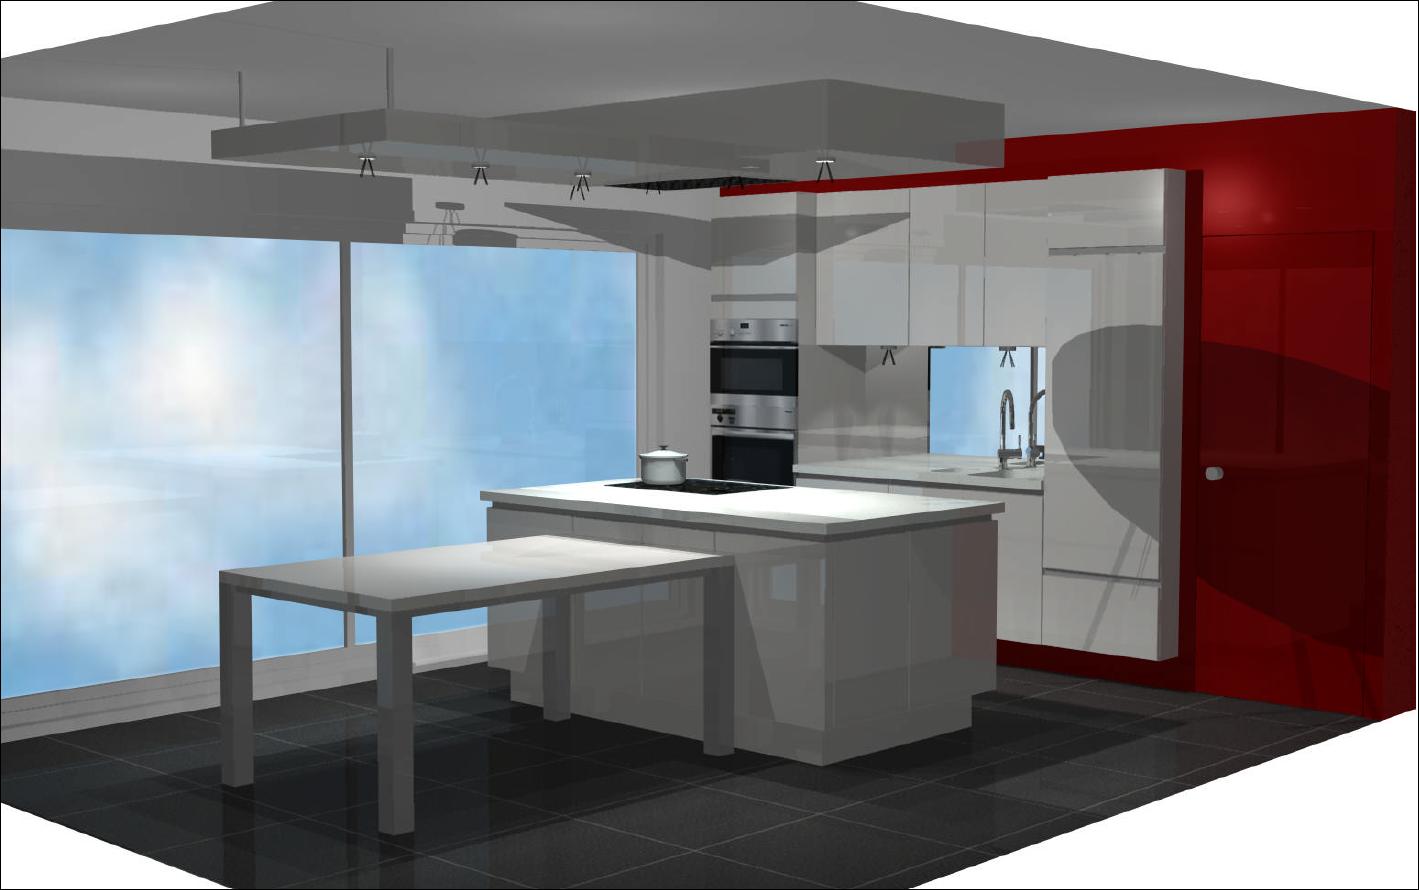 Verlaagde Plafond Keuken : Het spoelgedeelte bevindt zich aan de muur. Het koken zal centraal op